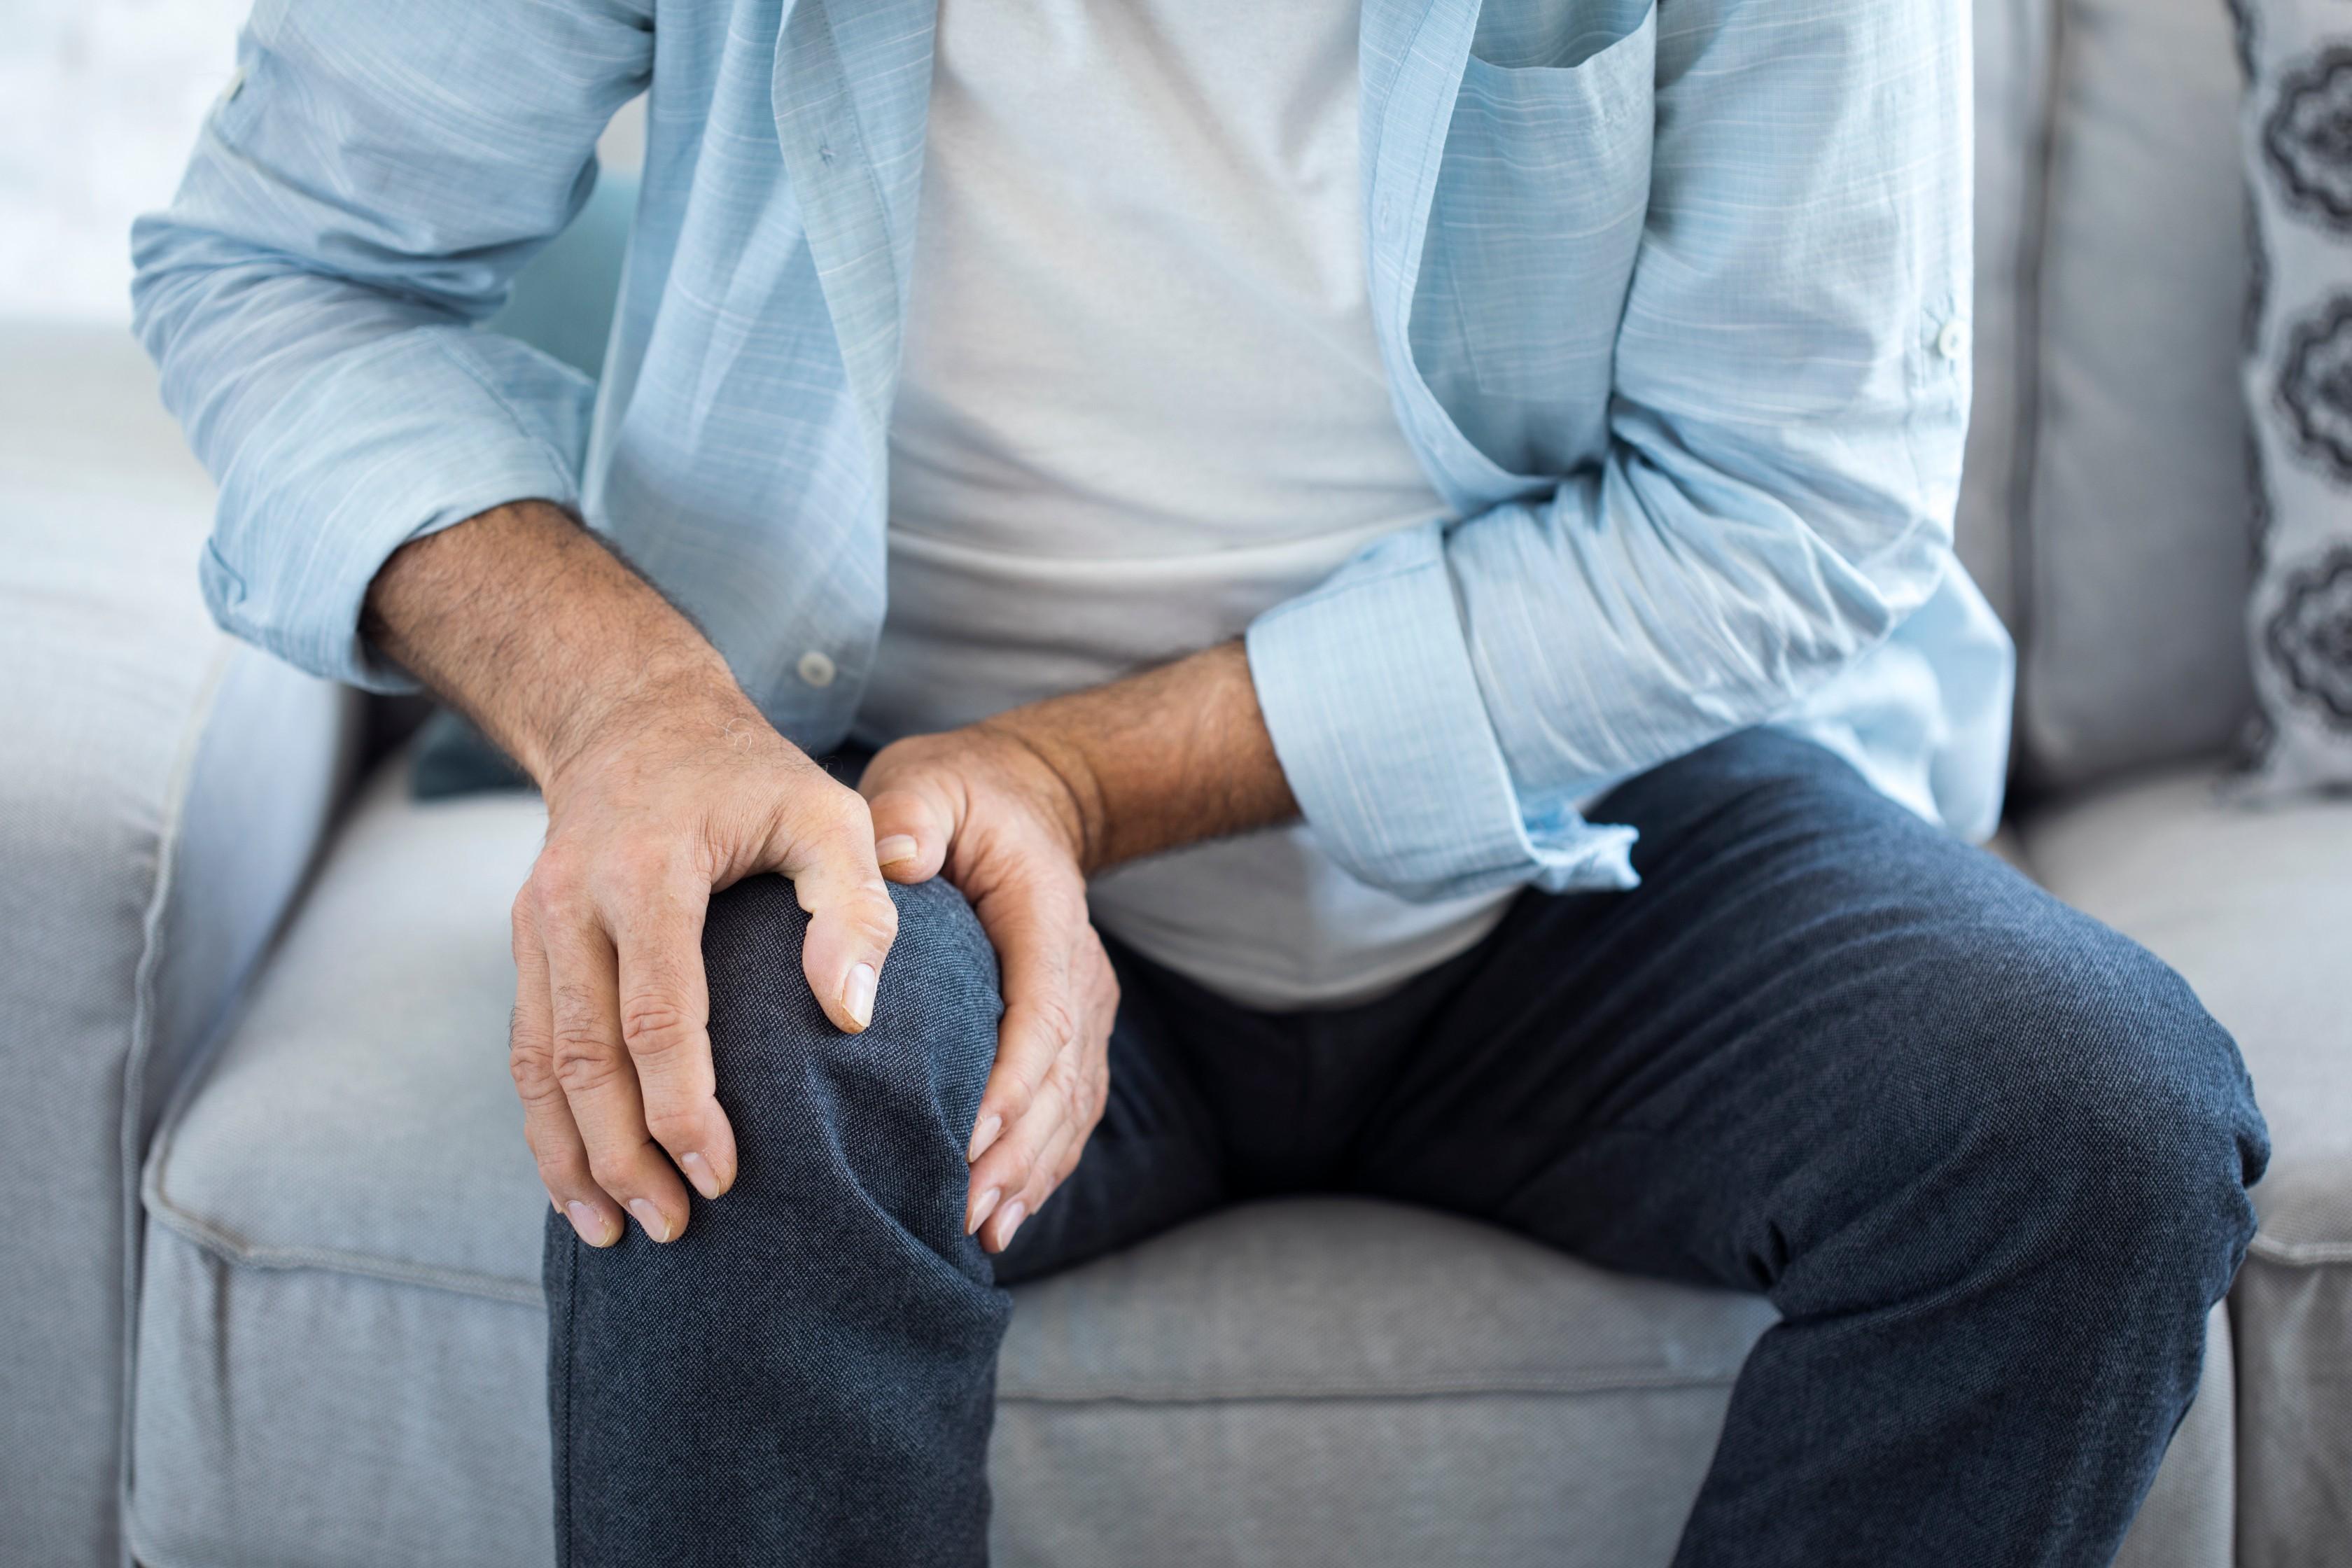 fájdalom a lábak és a kezek ízületeiben - okokat okoz)